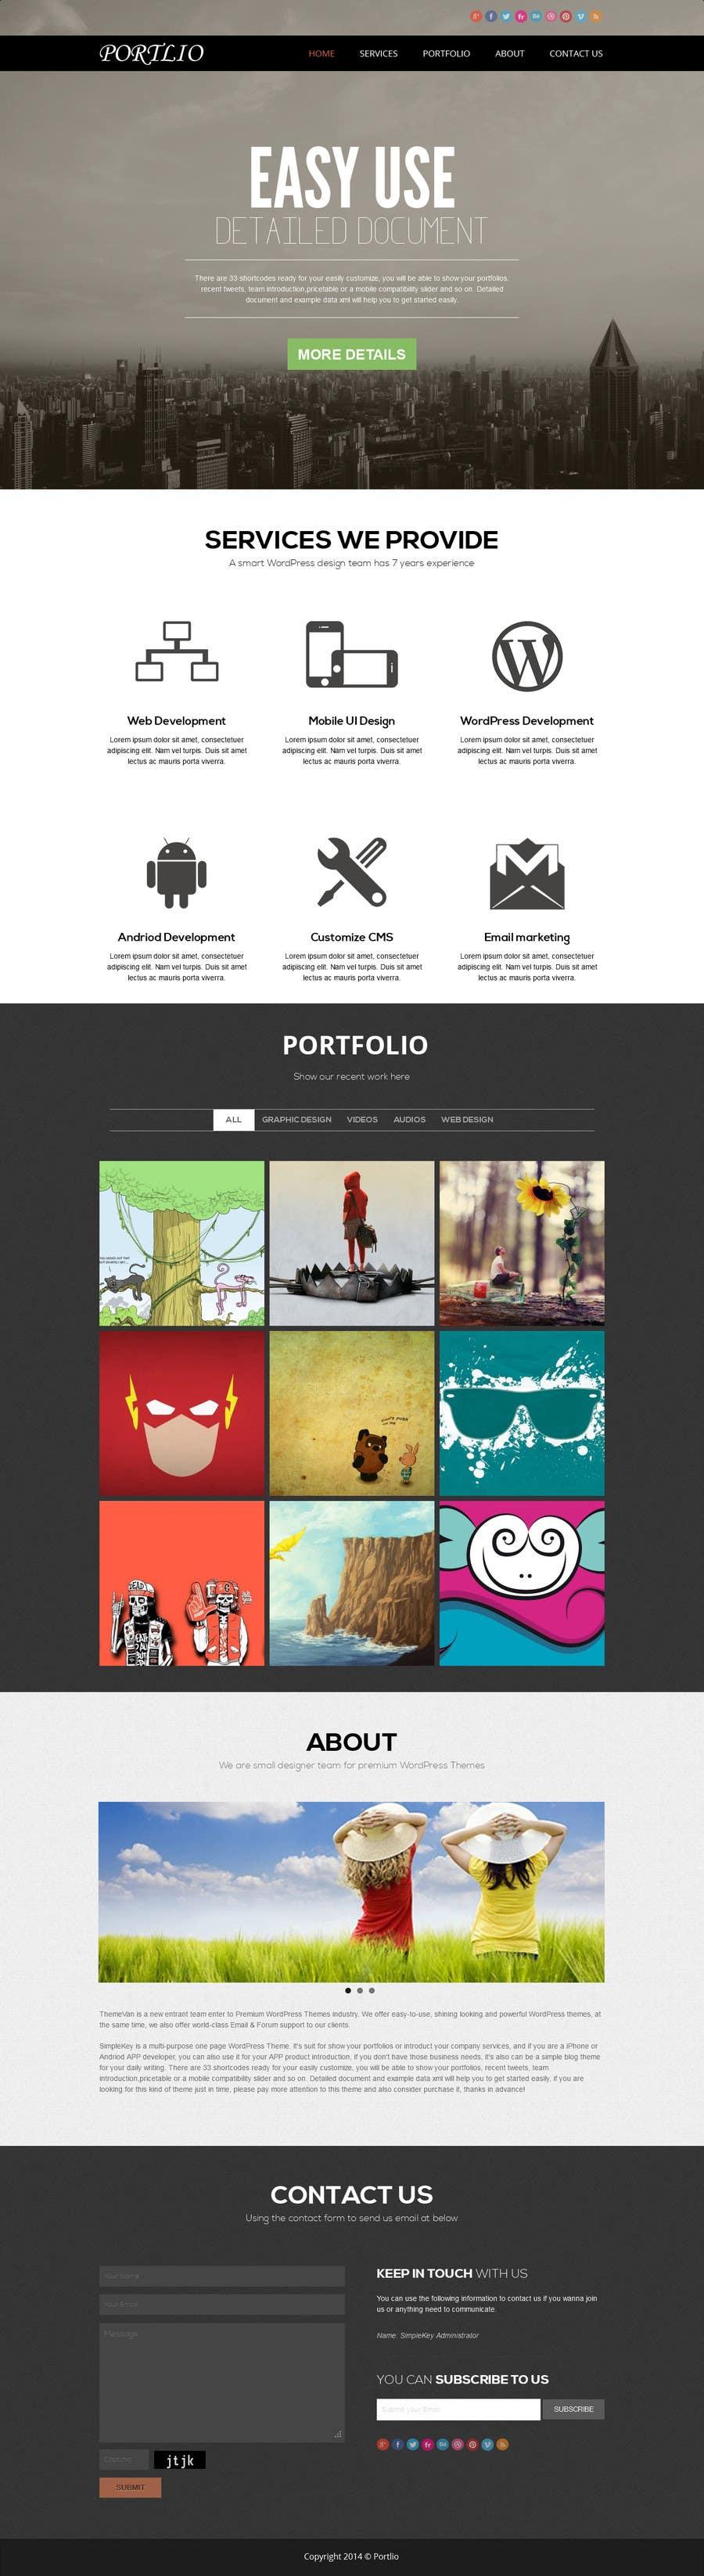 #28 for Design a Website Mockup for Portfolio by creativedesign06